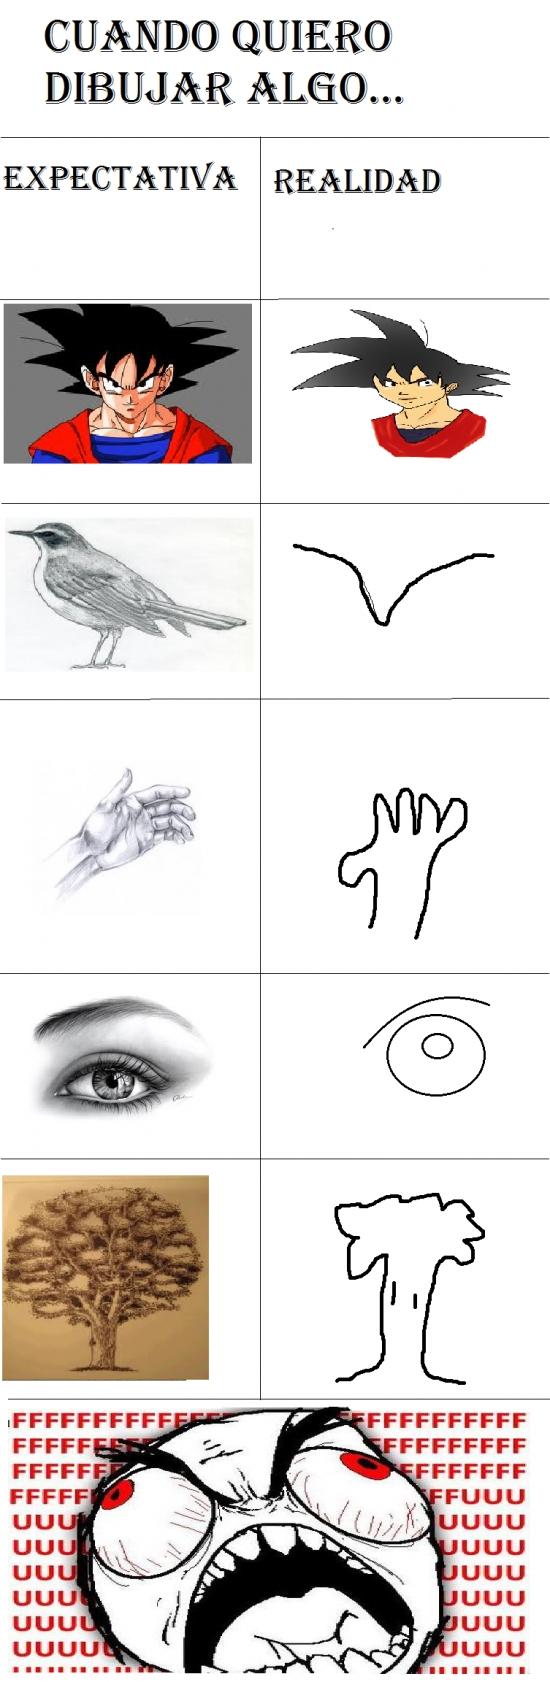 Trollface - Lo asumo, el dibujo no es lo mío